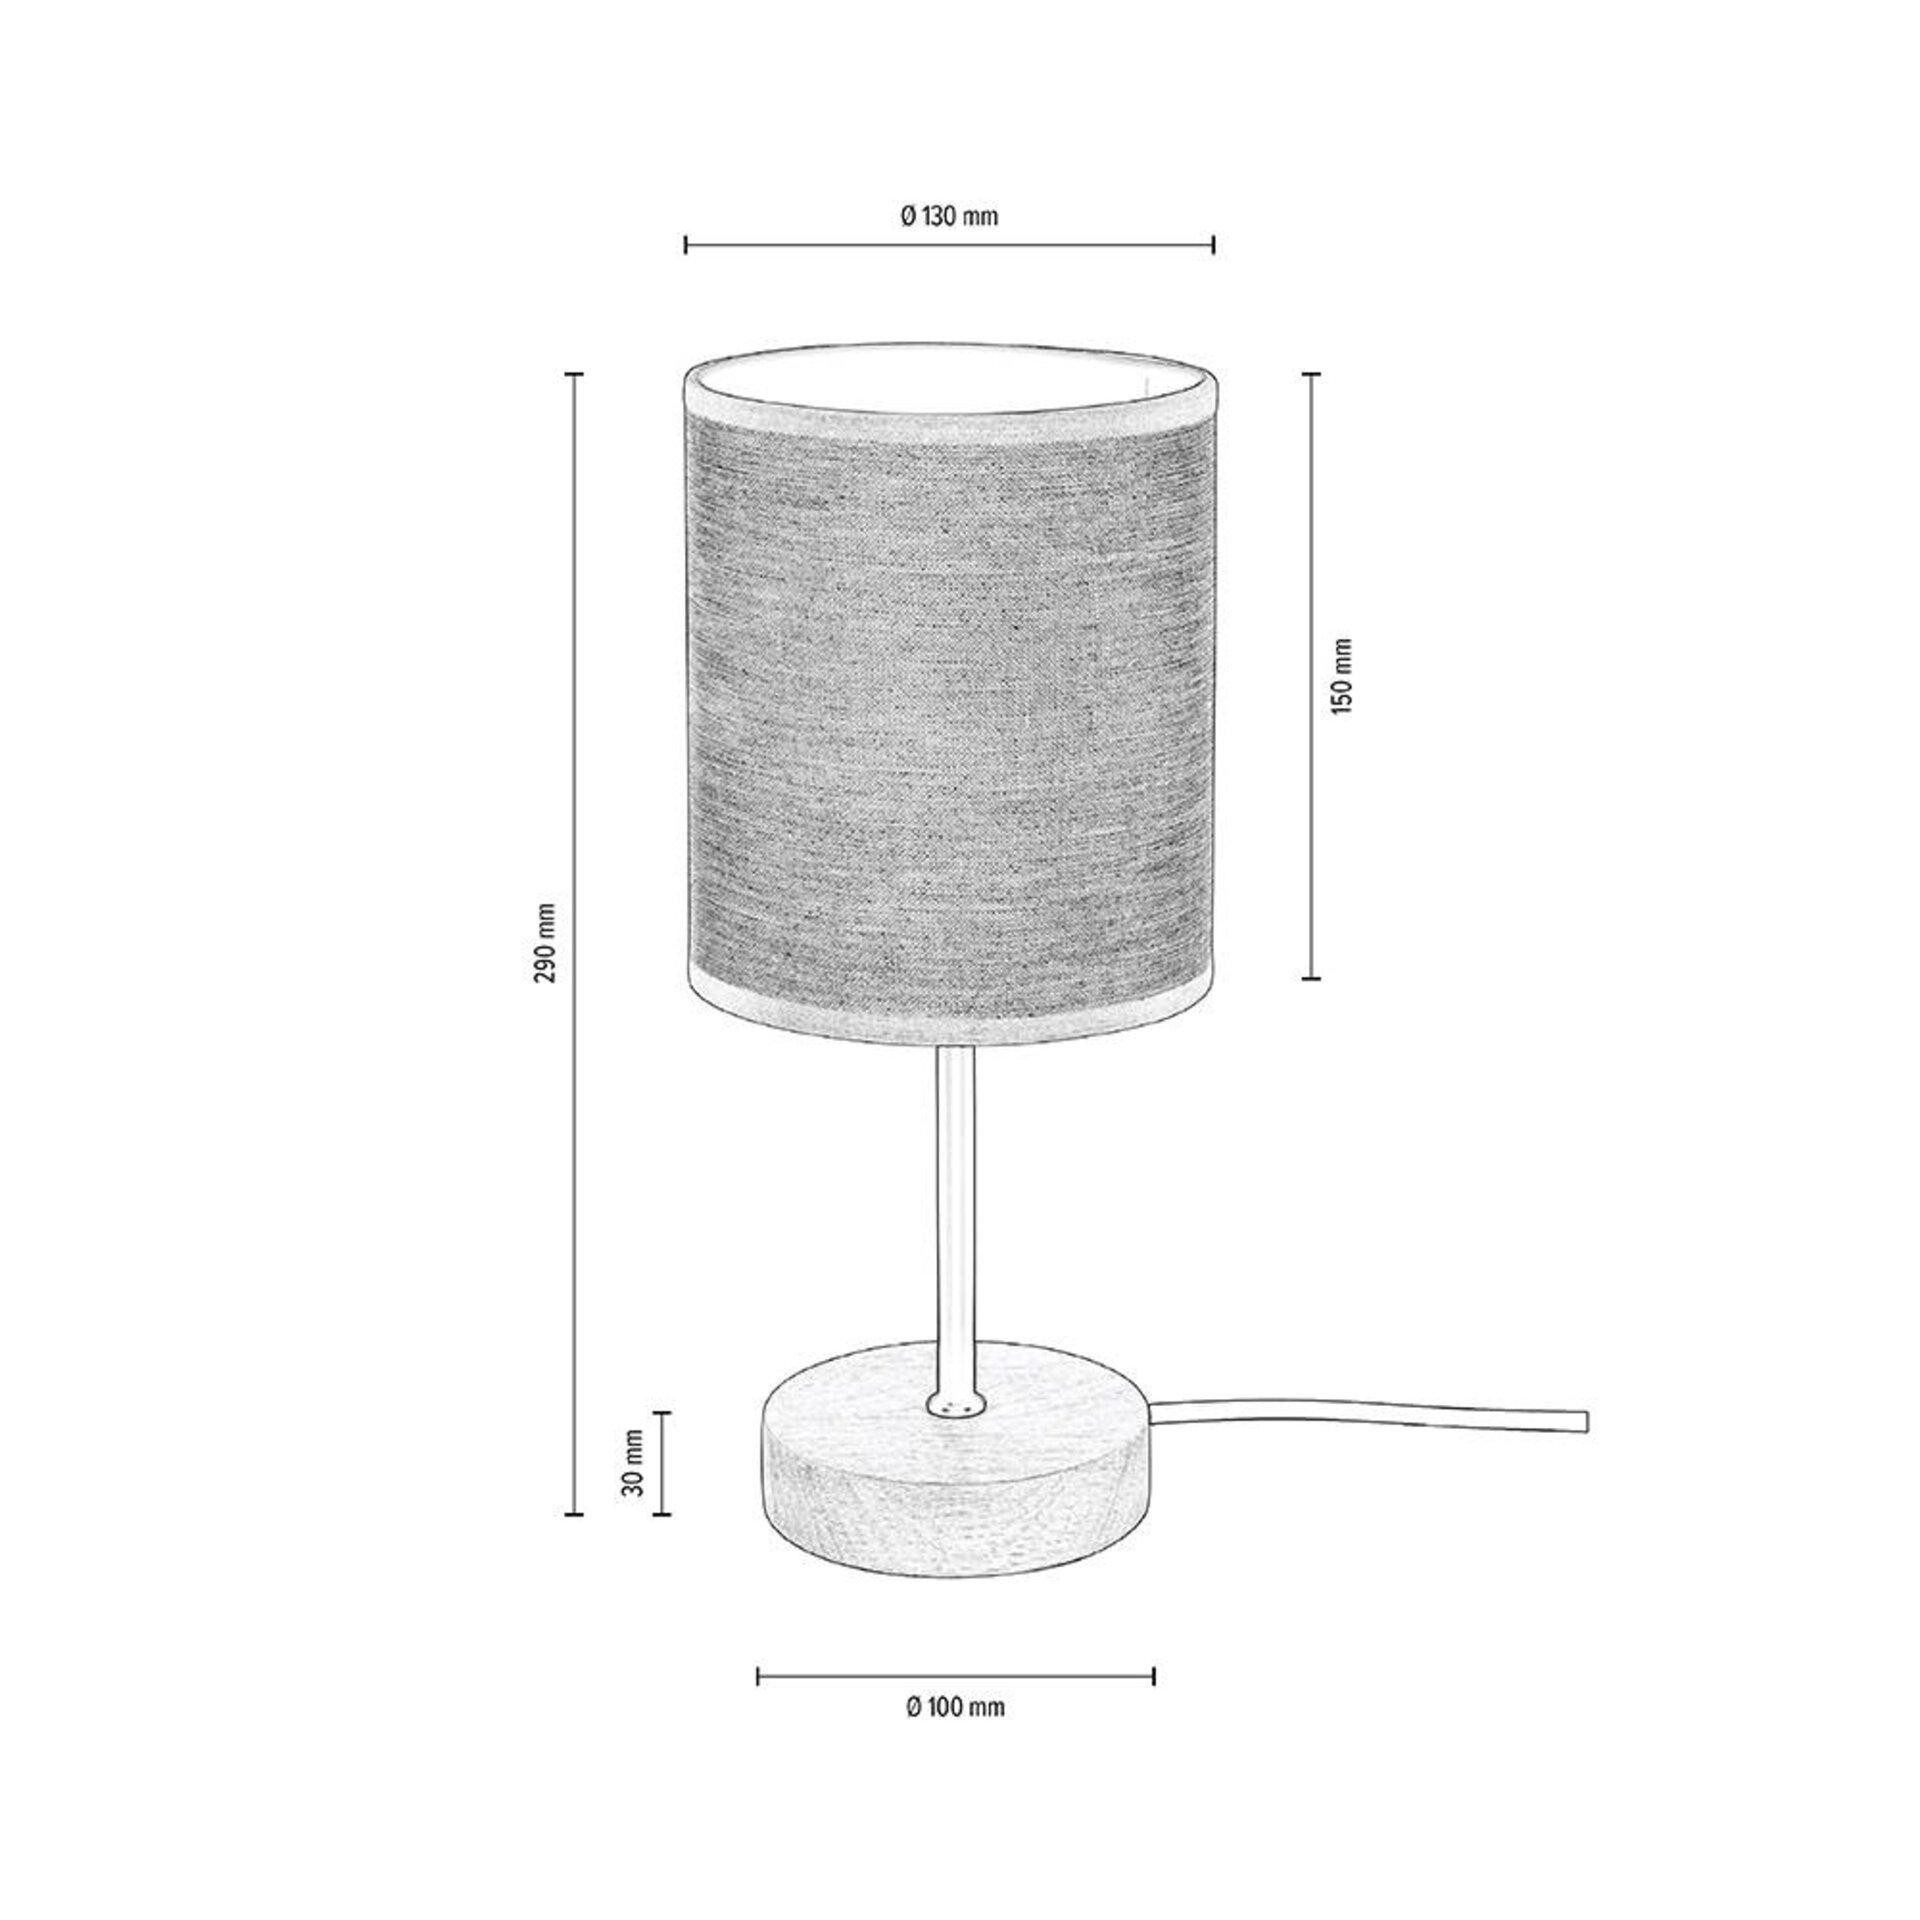 Tischleuchte BELOS MONDO Textil beige 13 x 29 x 13 cm